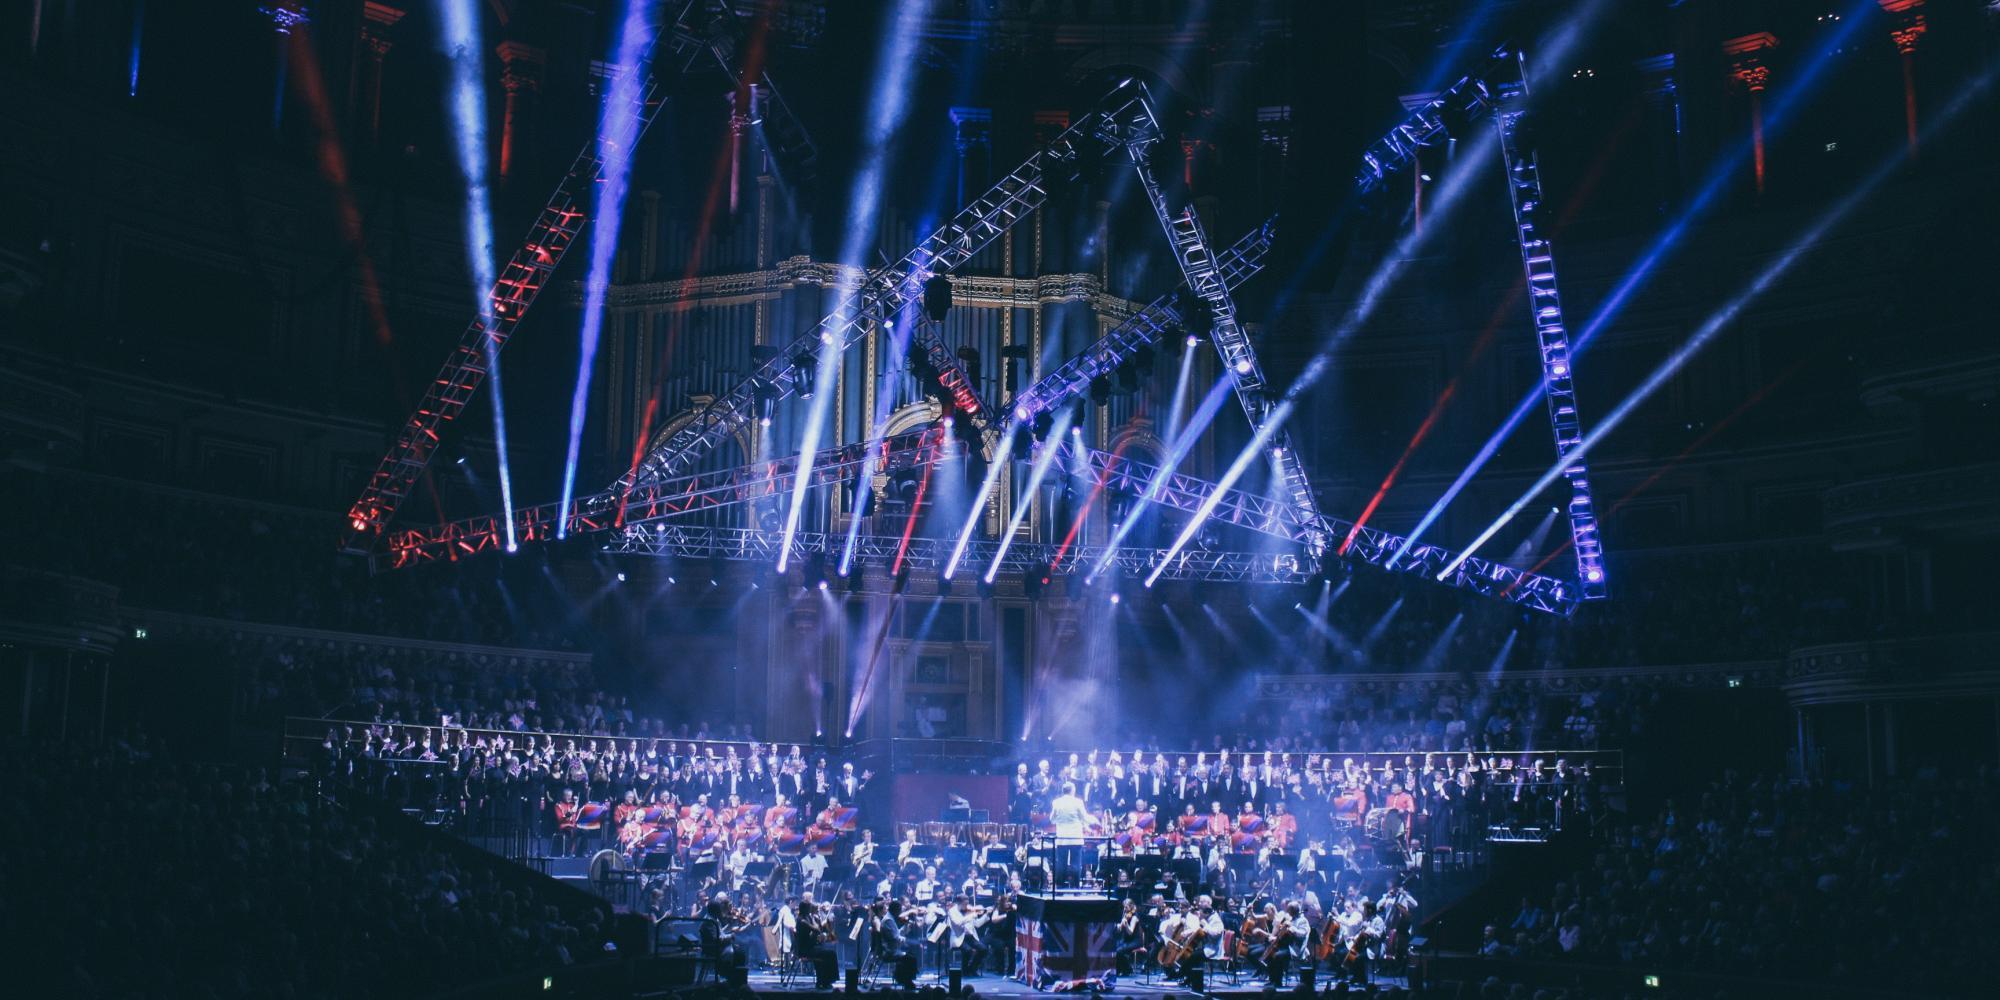 Big concert stage